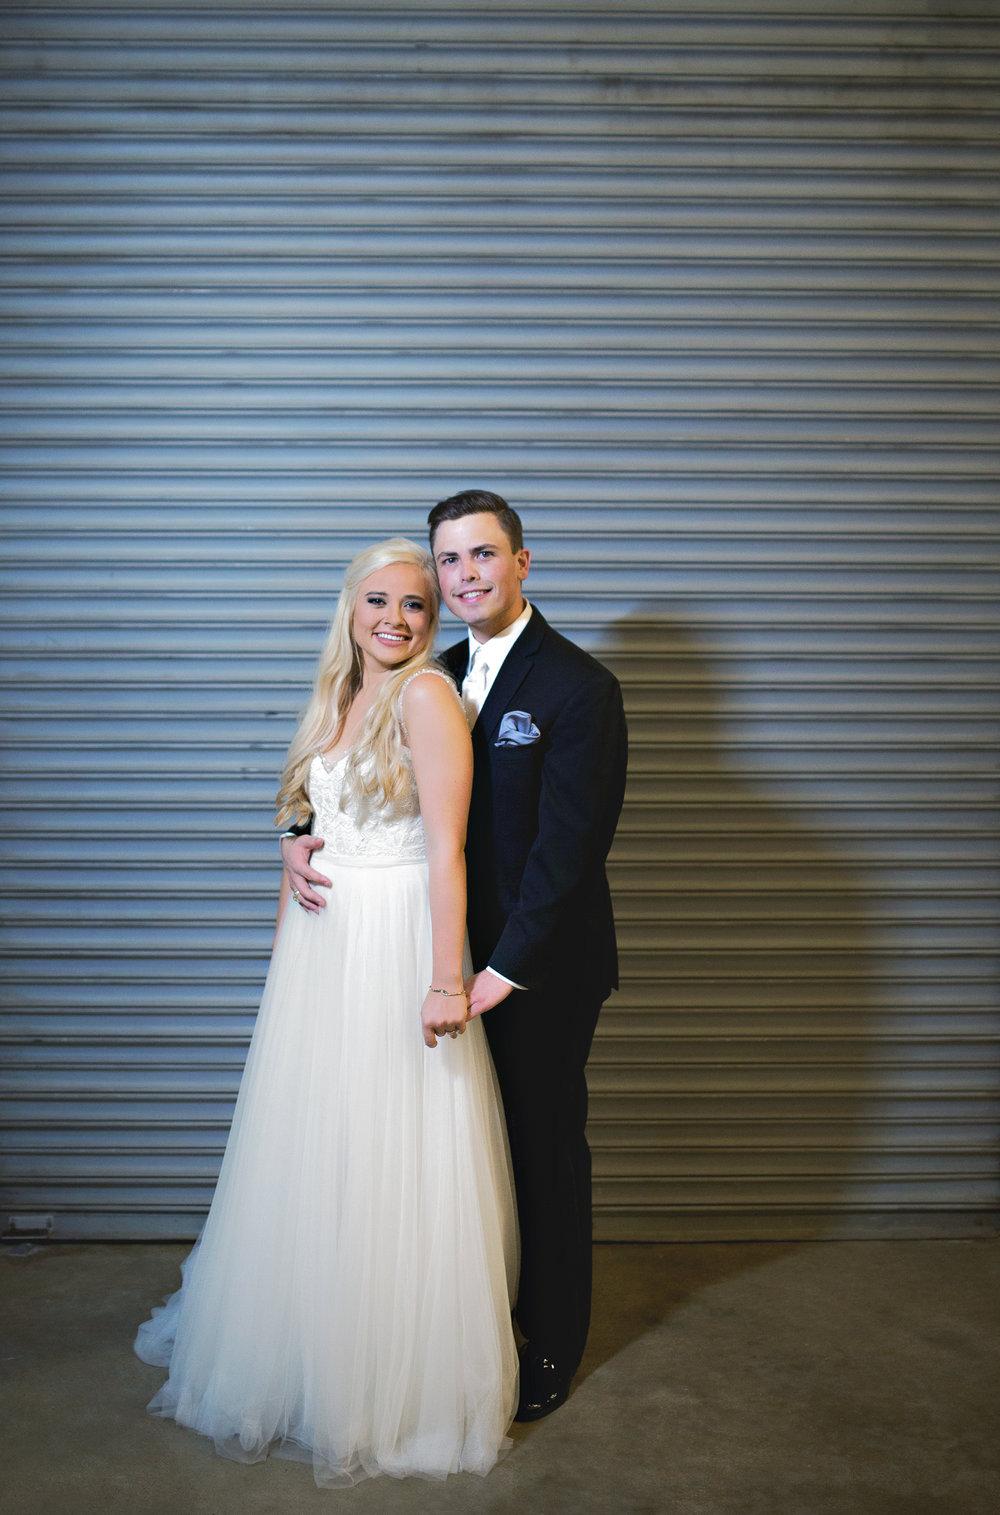 houston-texas-aggie-wedding-44.jpg